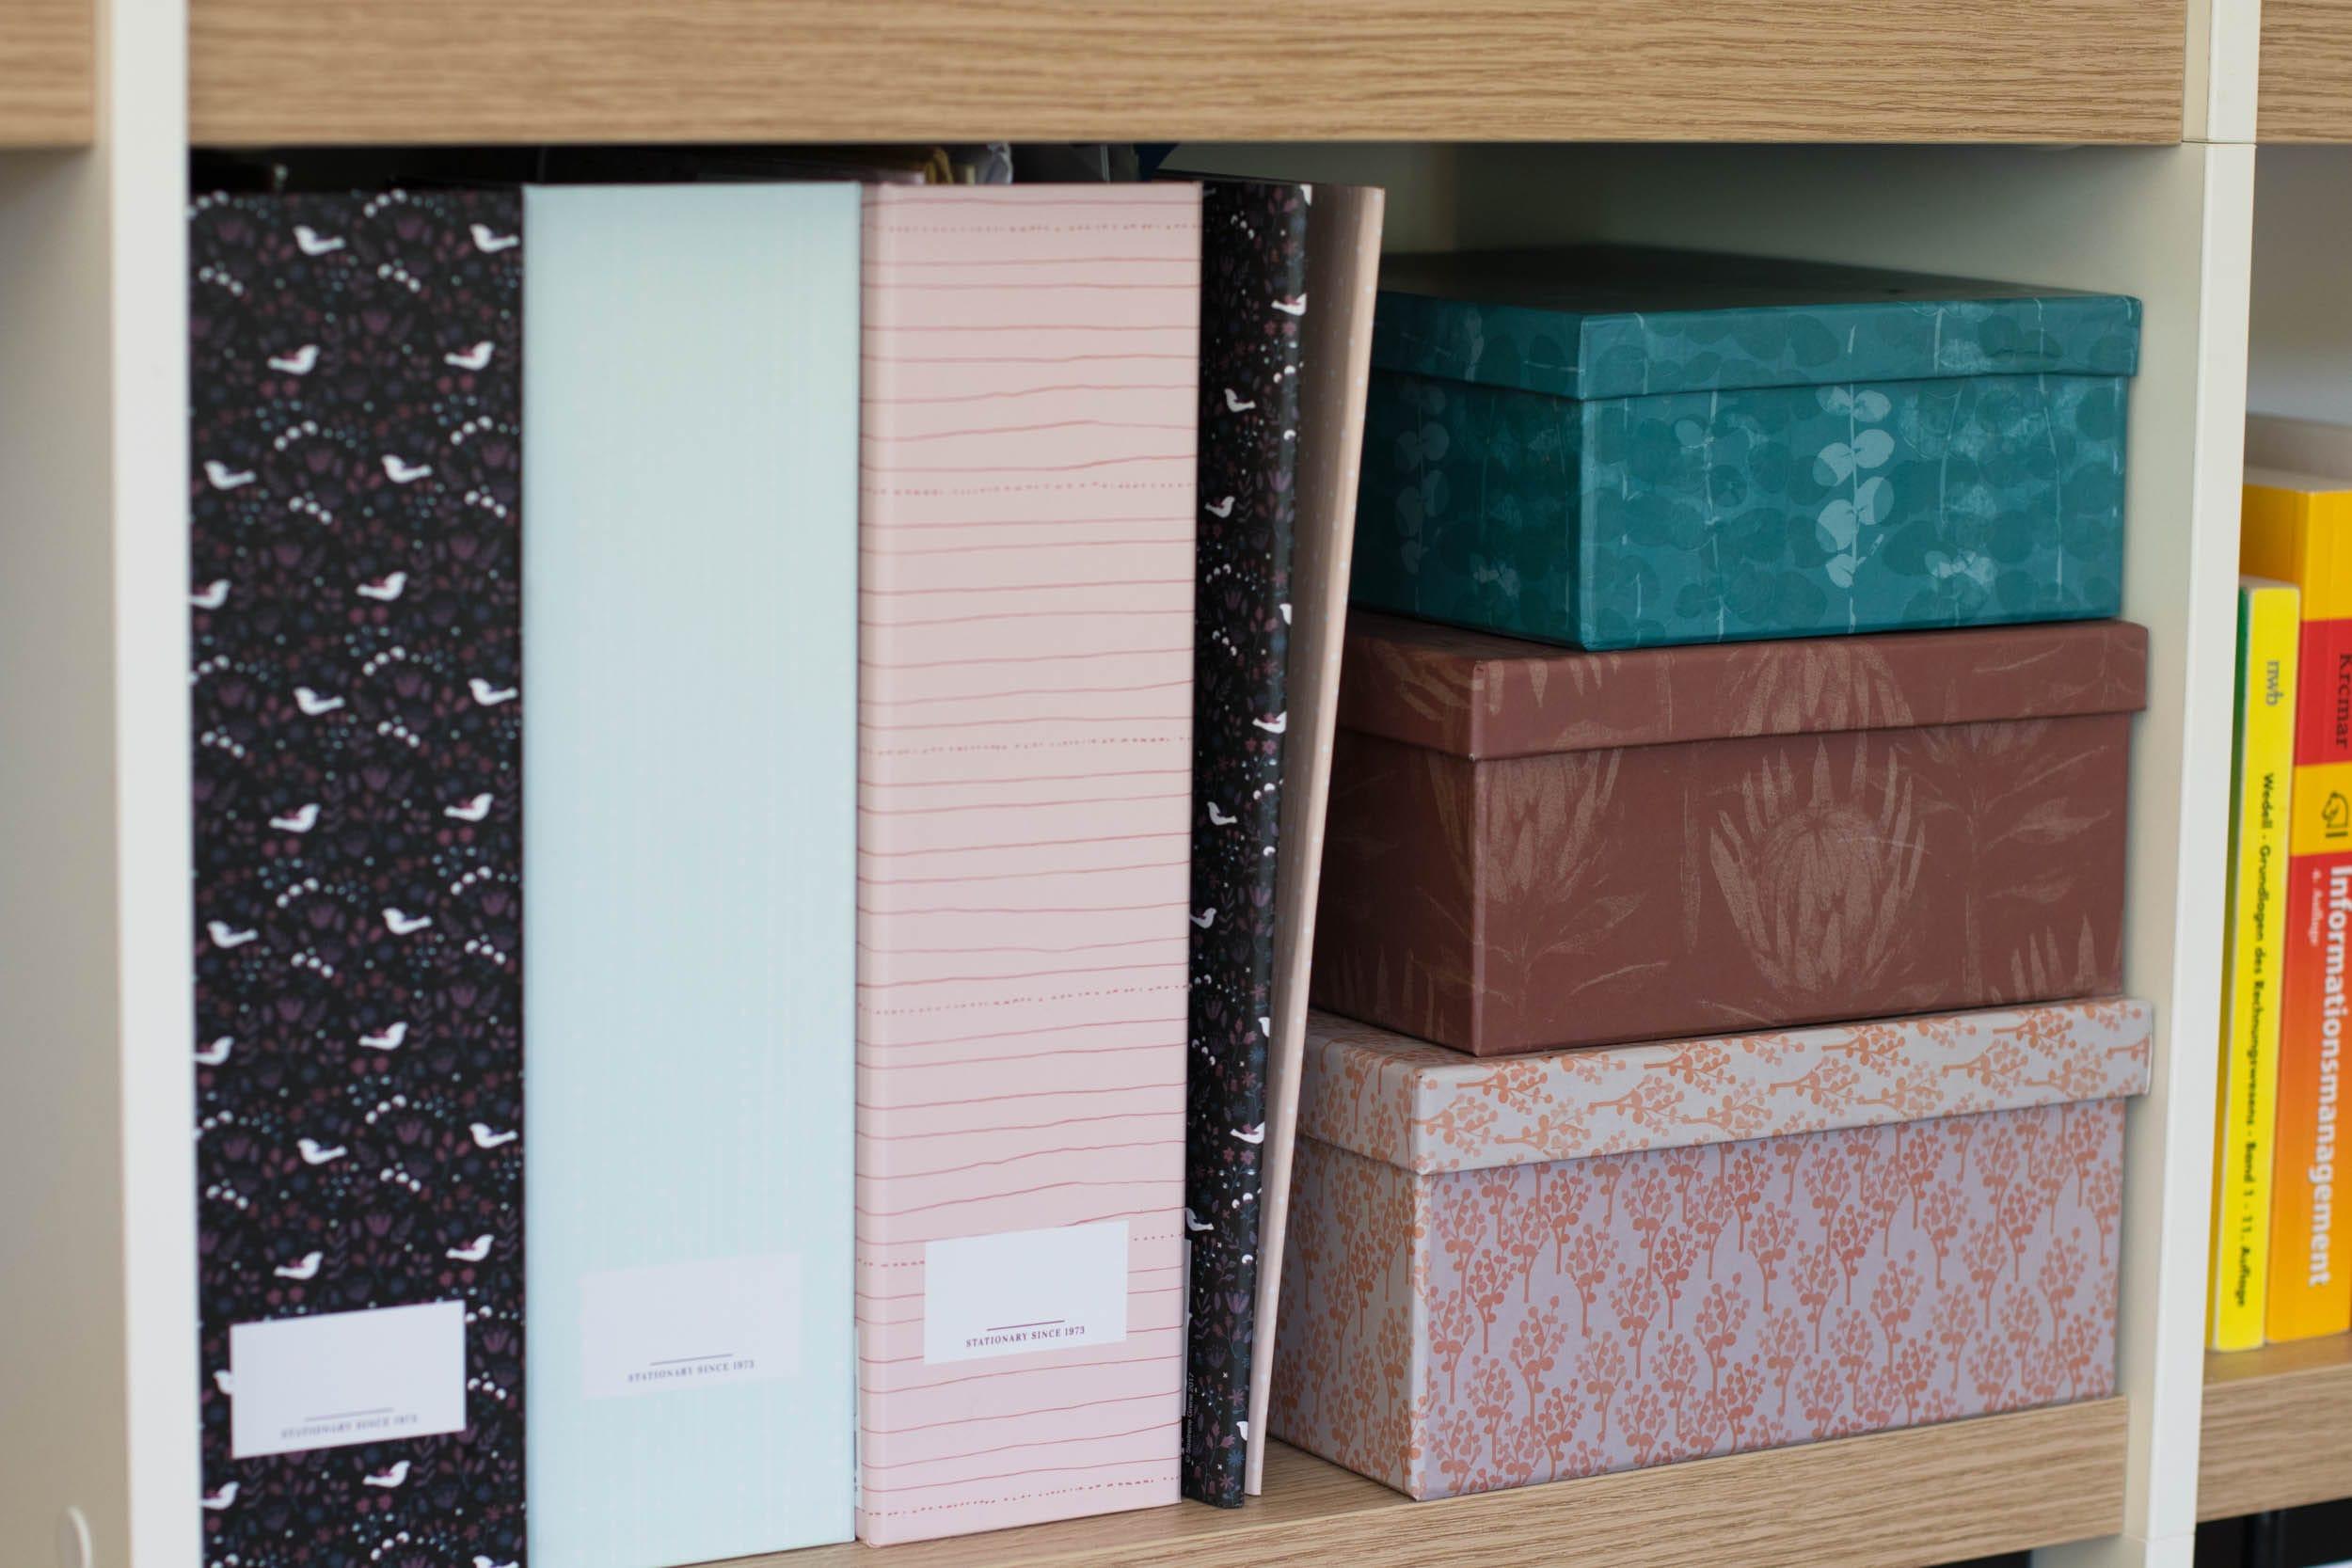 7 Tipps für mehr Ordnung mit Kleinkind | Kisten | Stauram | Kleinkram | Schachteln | Unterlagen | ivy.li